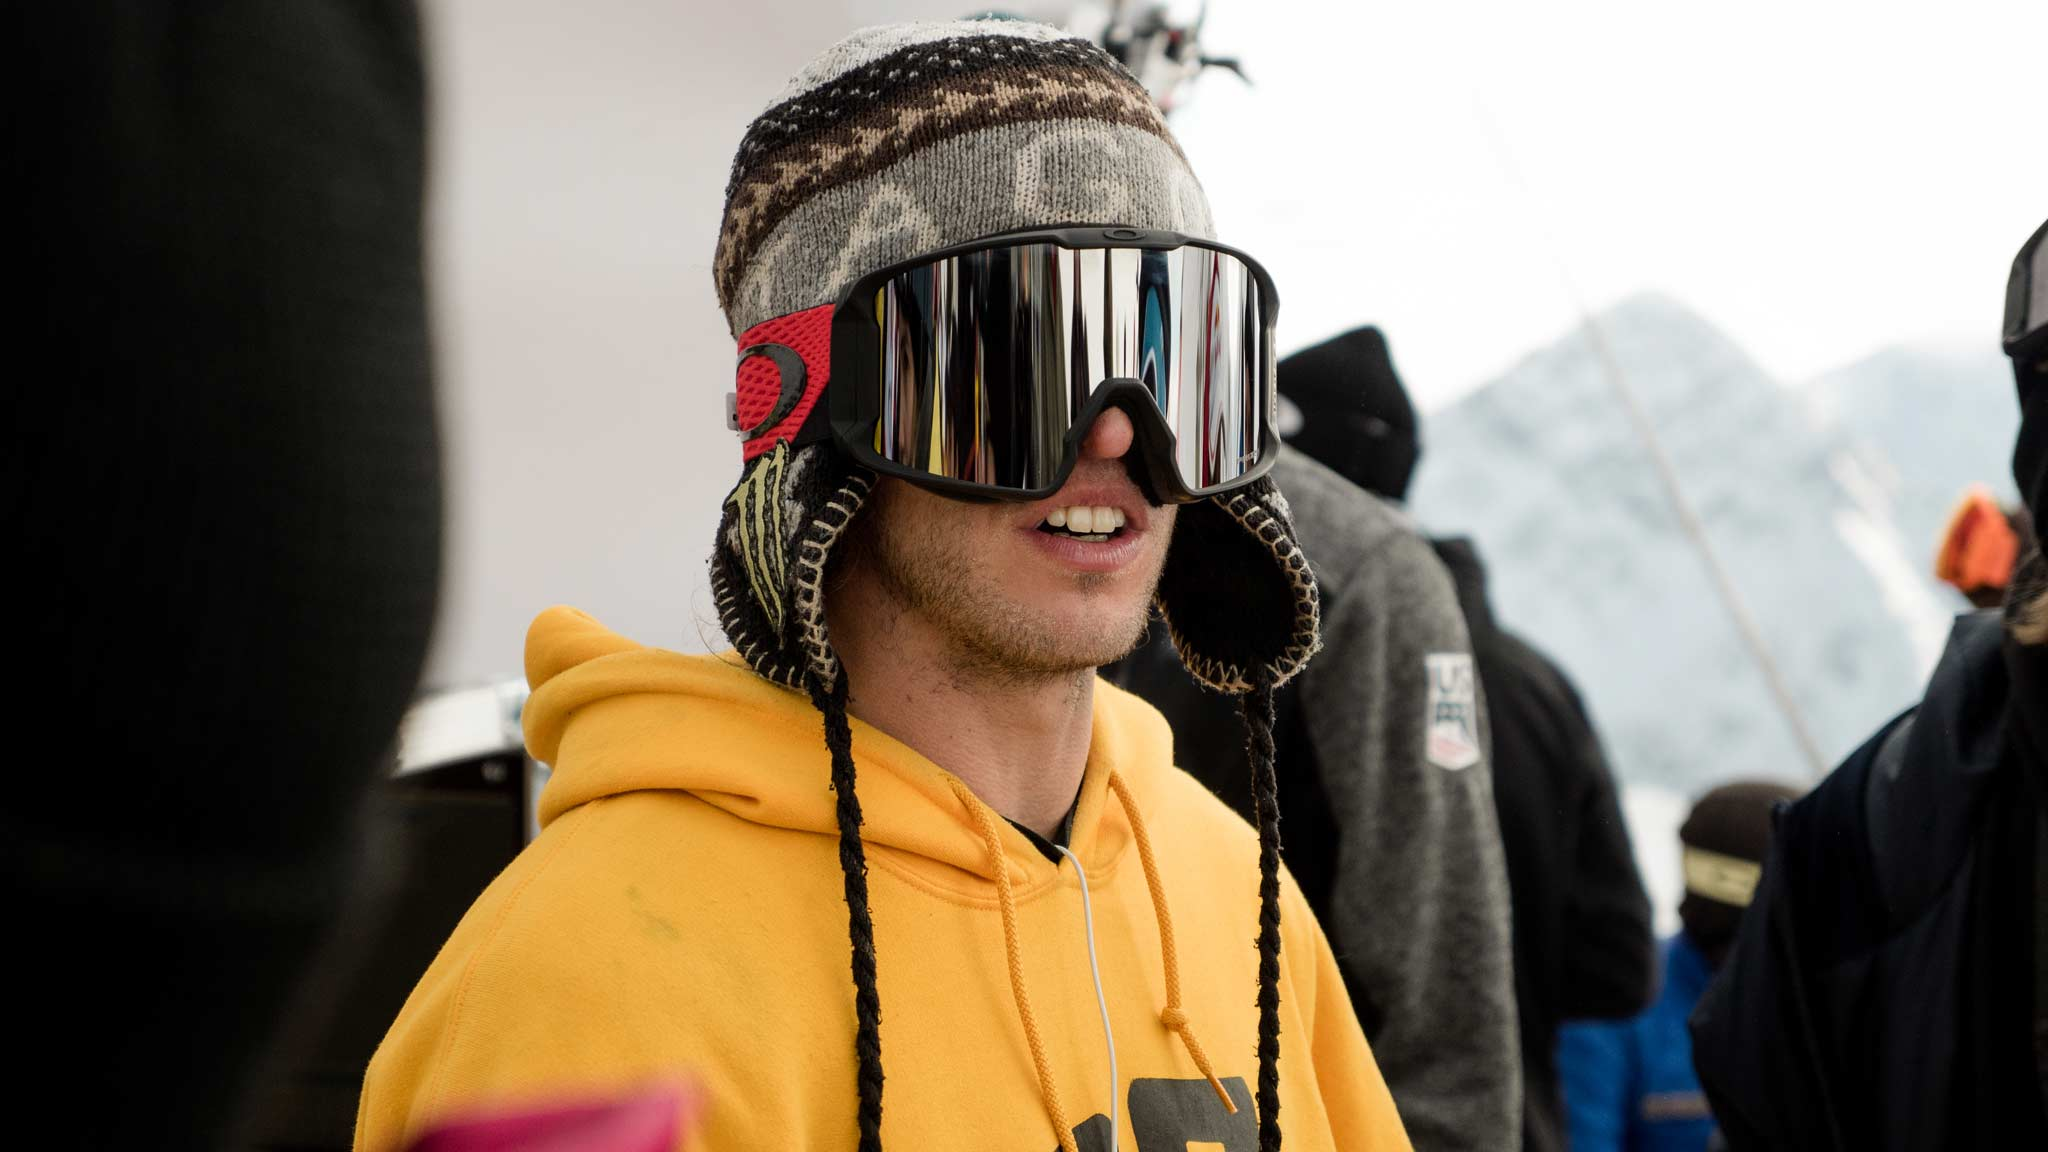 Henrik Harlaut (SWE), der Sieger von 2018 beim FIS Freeski Slopestyle World Cup Stubai, zählt auch 2020 zu den Favoriten auf den Sieg. - Foto: Jona Zimmermann